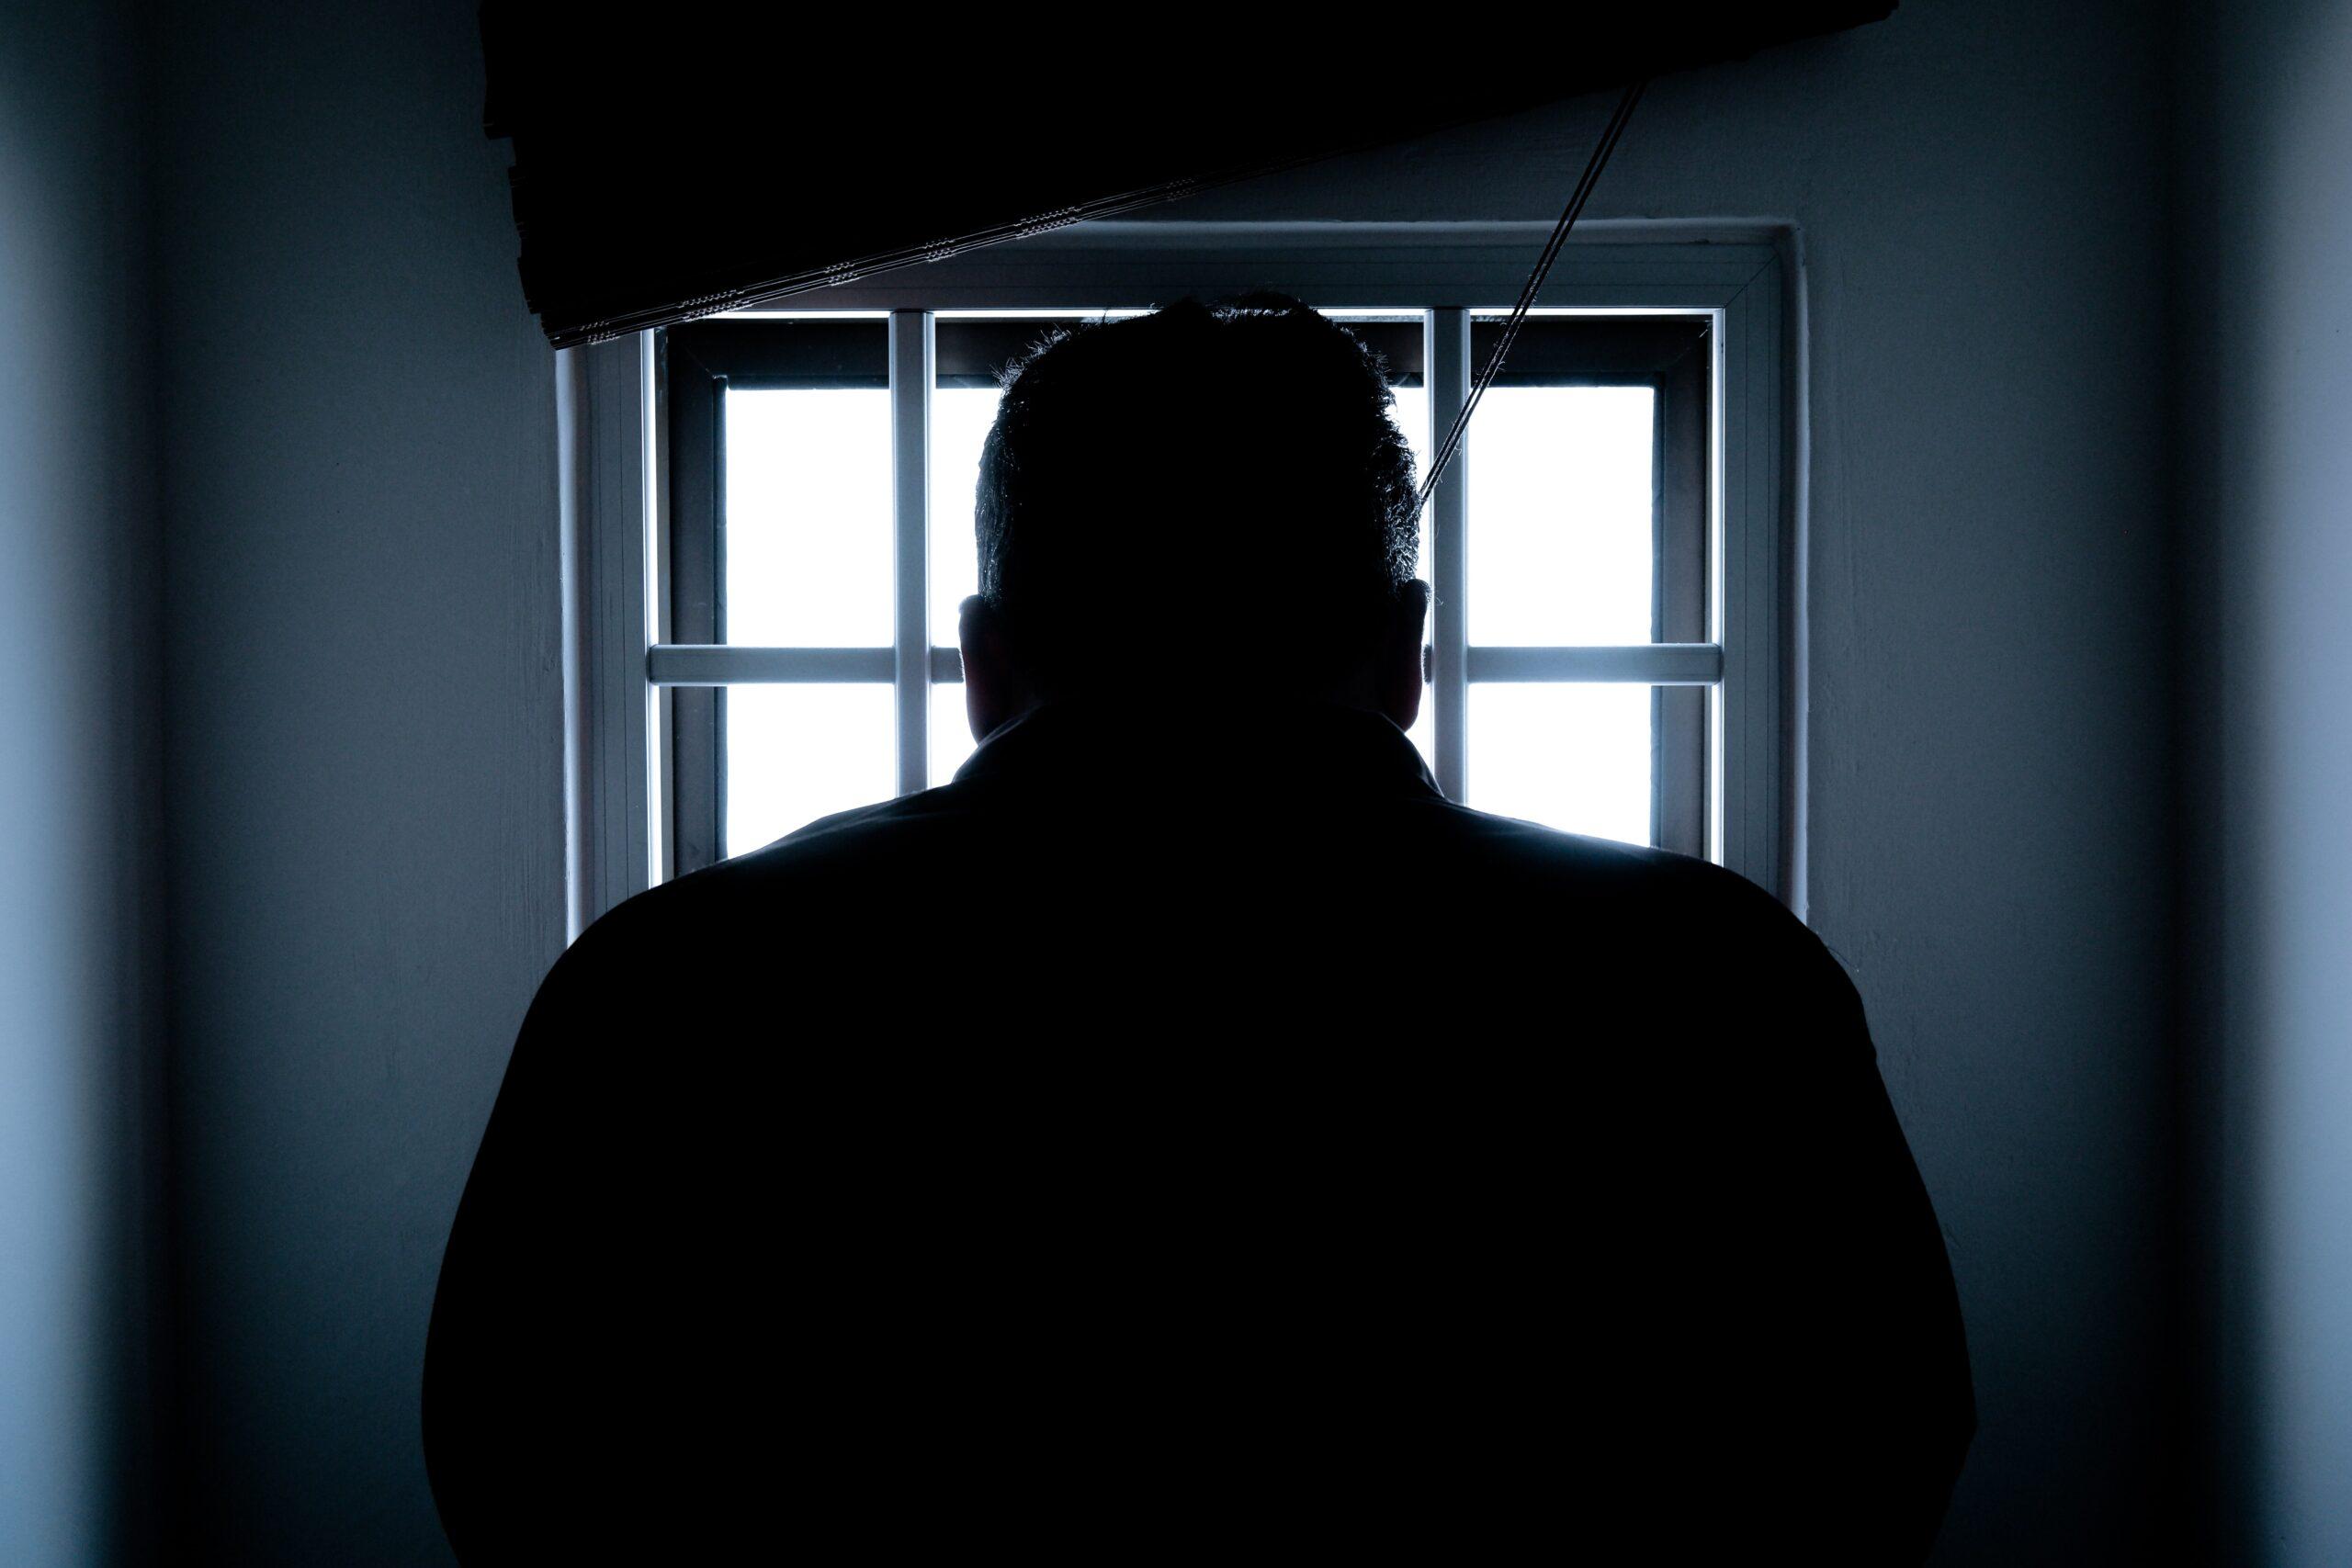 Hazaárulás vádja miatt börtönözték be a rabbit